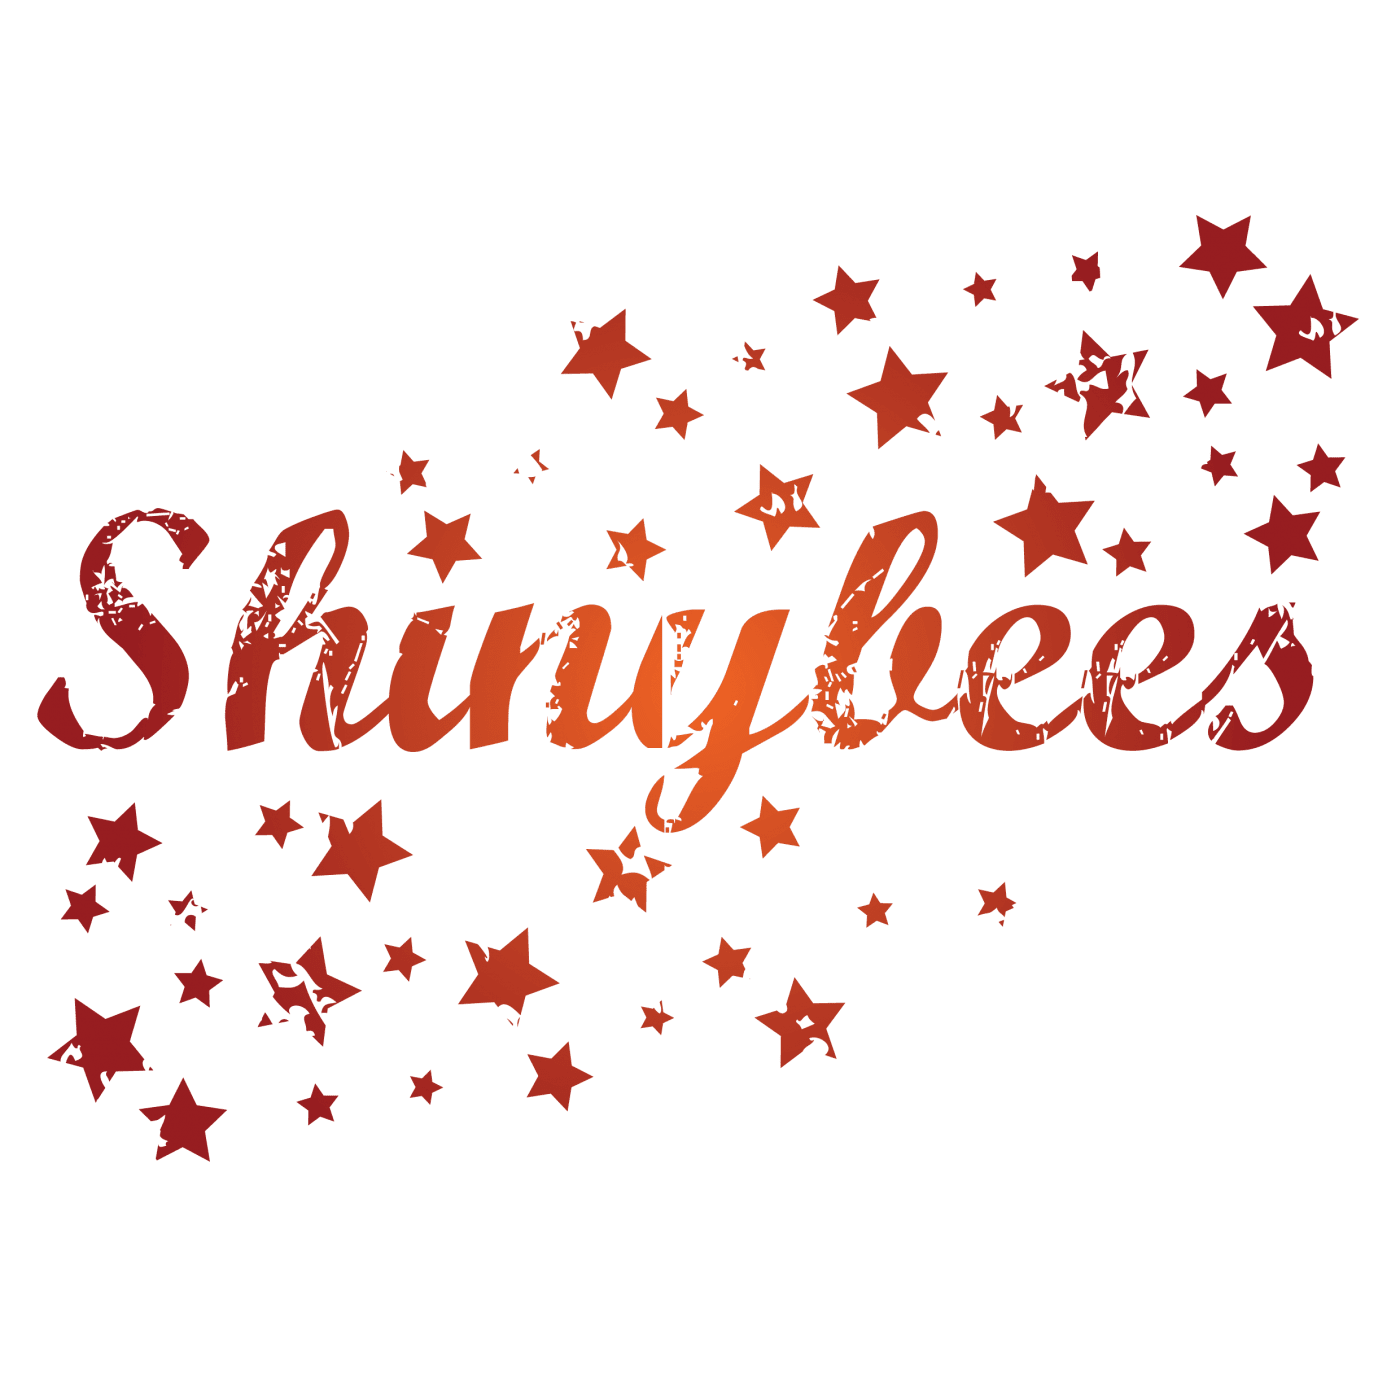 shinybees logo